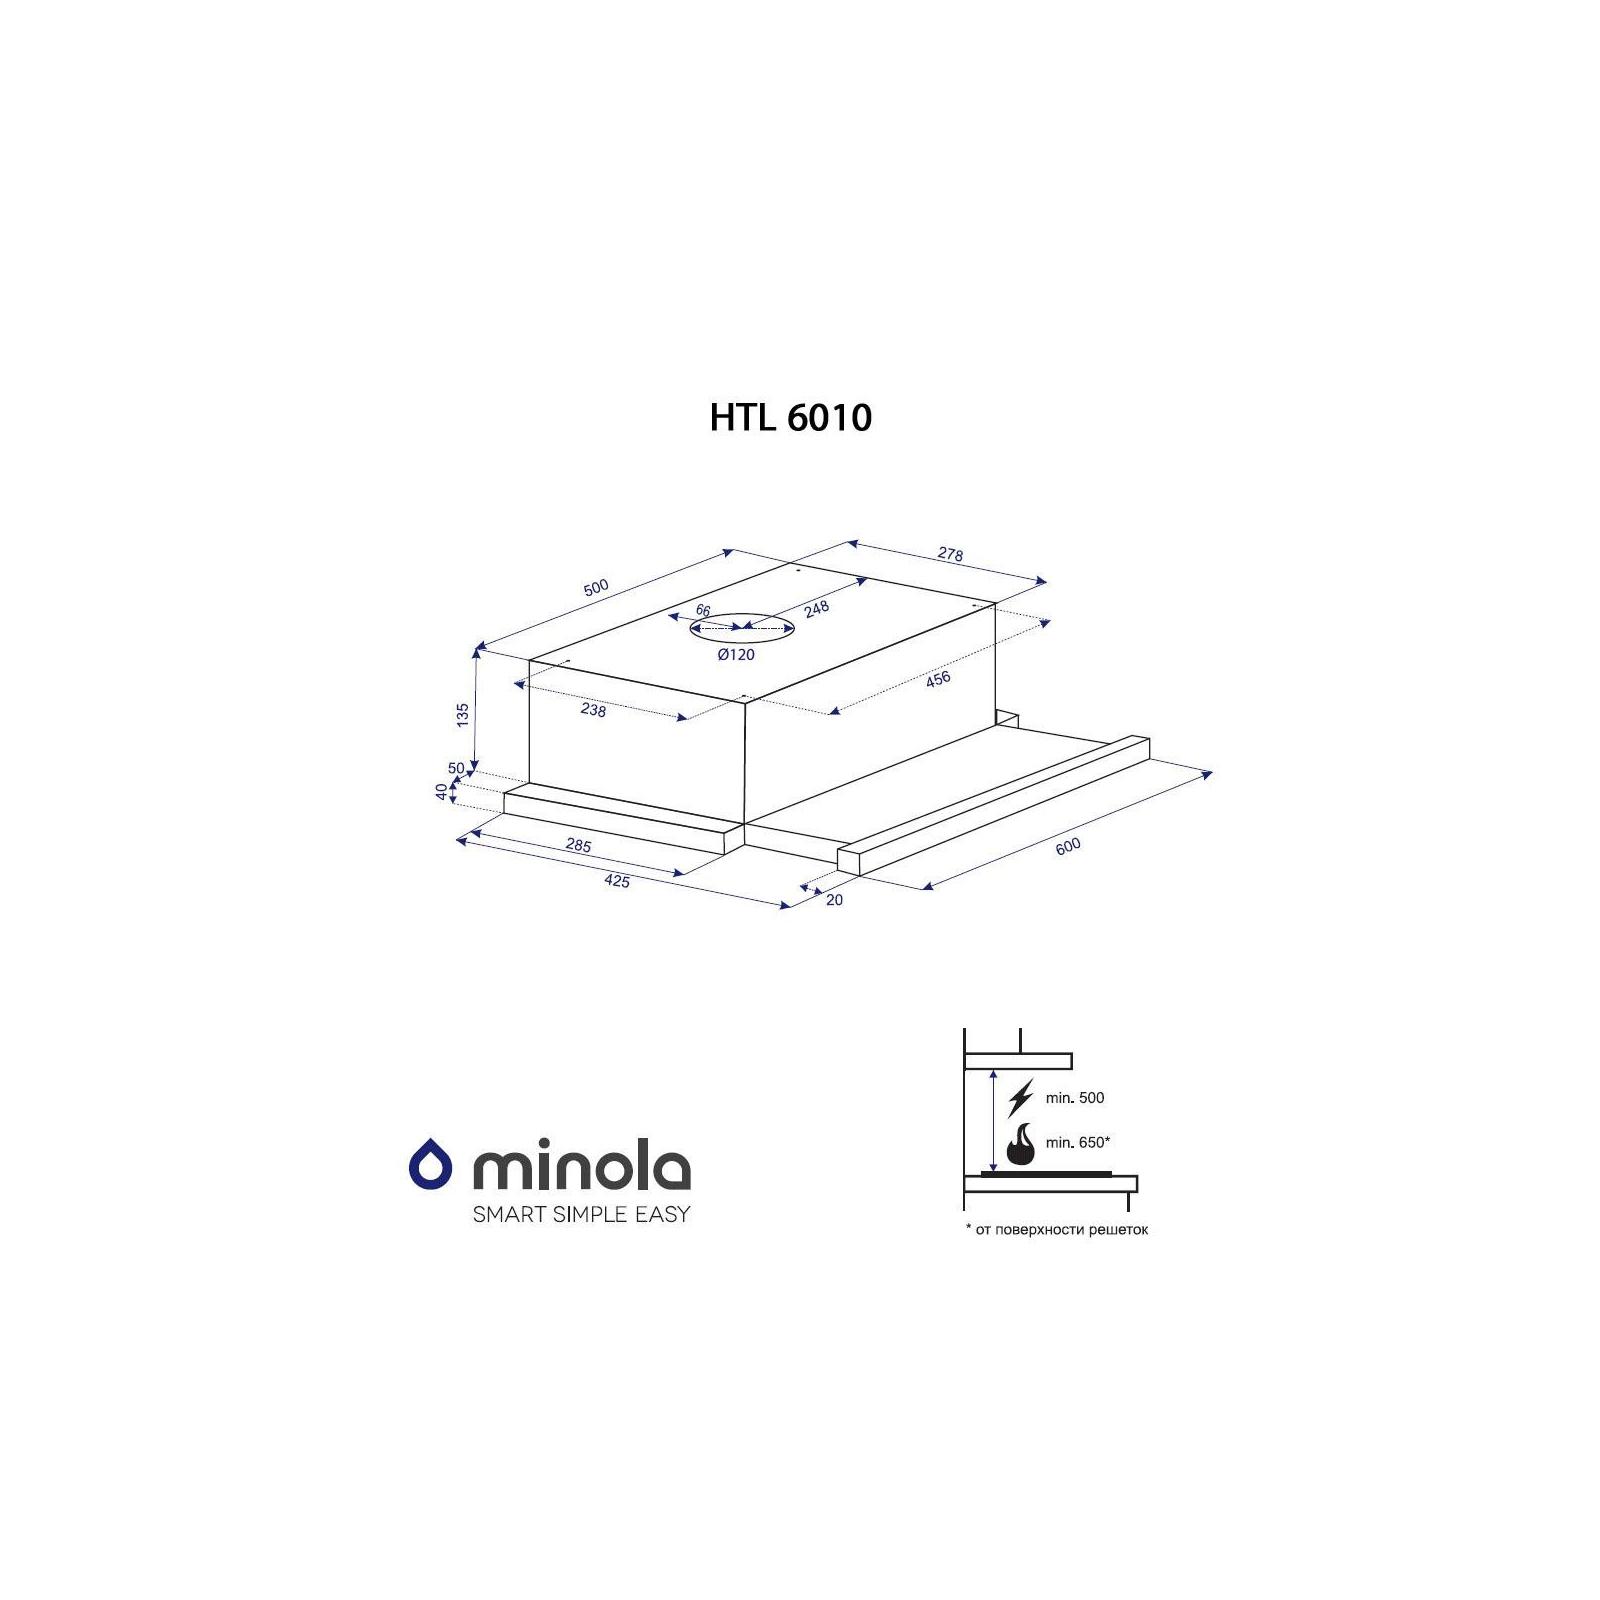 Вытяжка кухонная MINOLA HTL 6010 BL 430 изображение 5